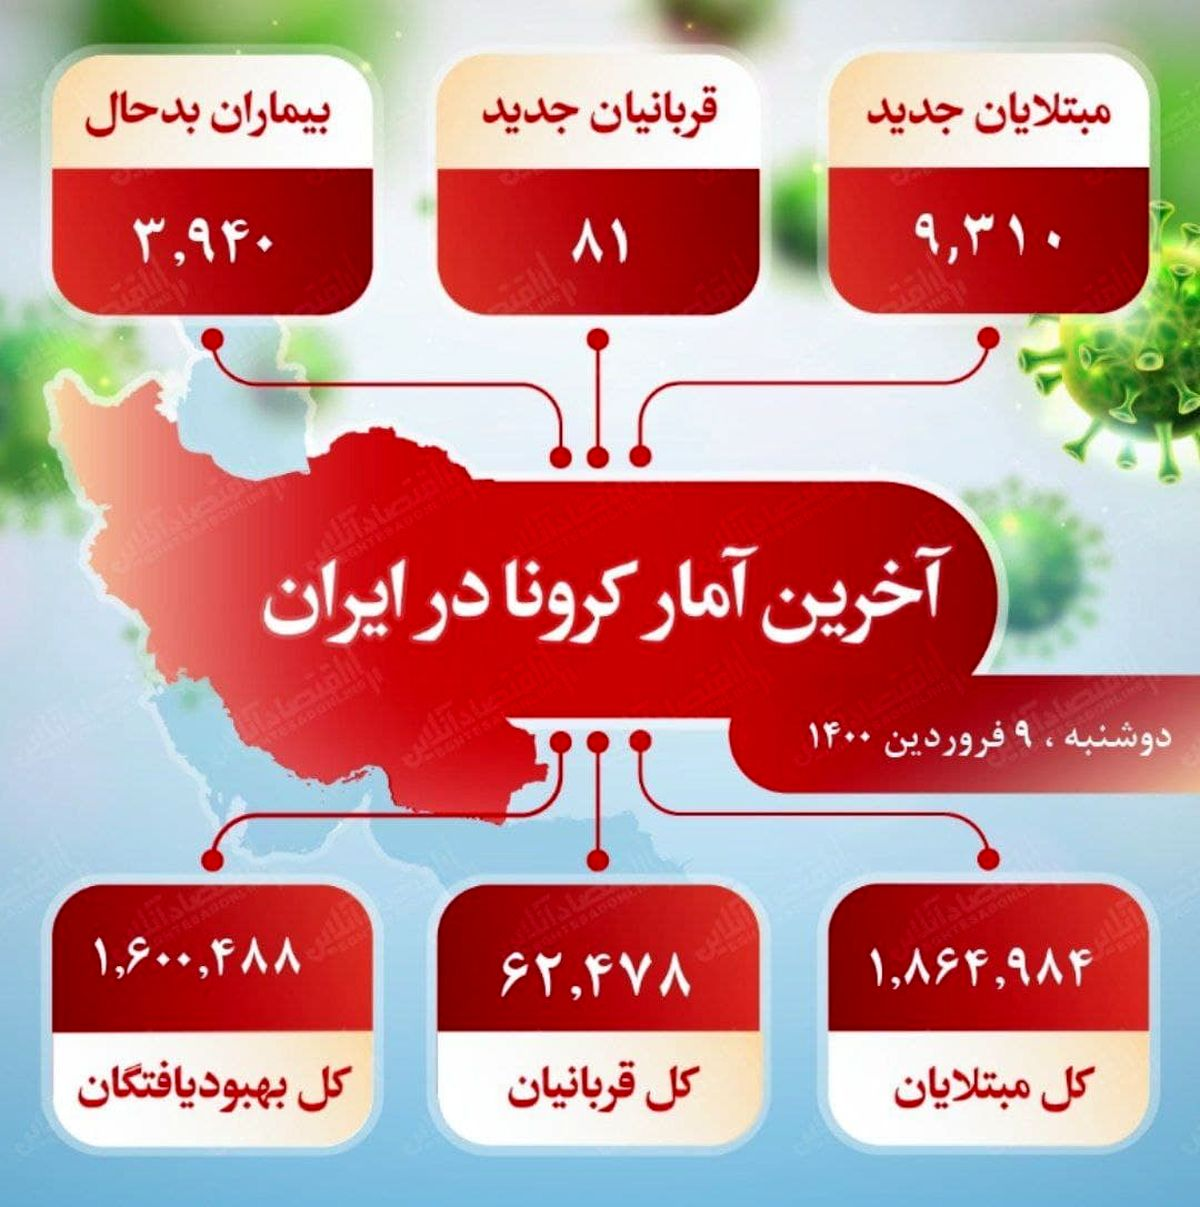 آخرین آمار کرونا در ایران (۱۴۰۰/۱/۹)